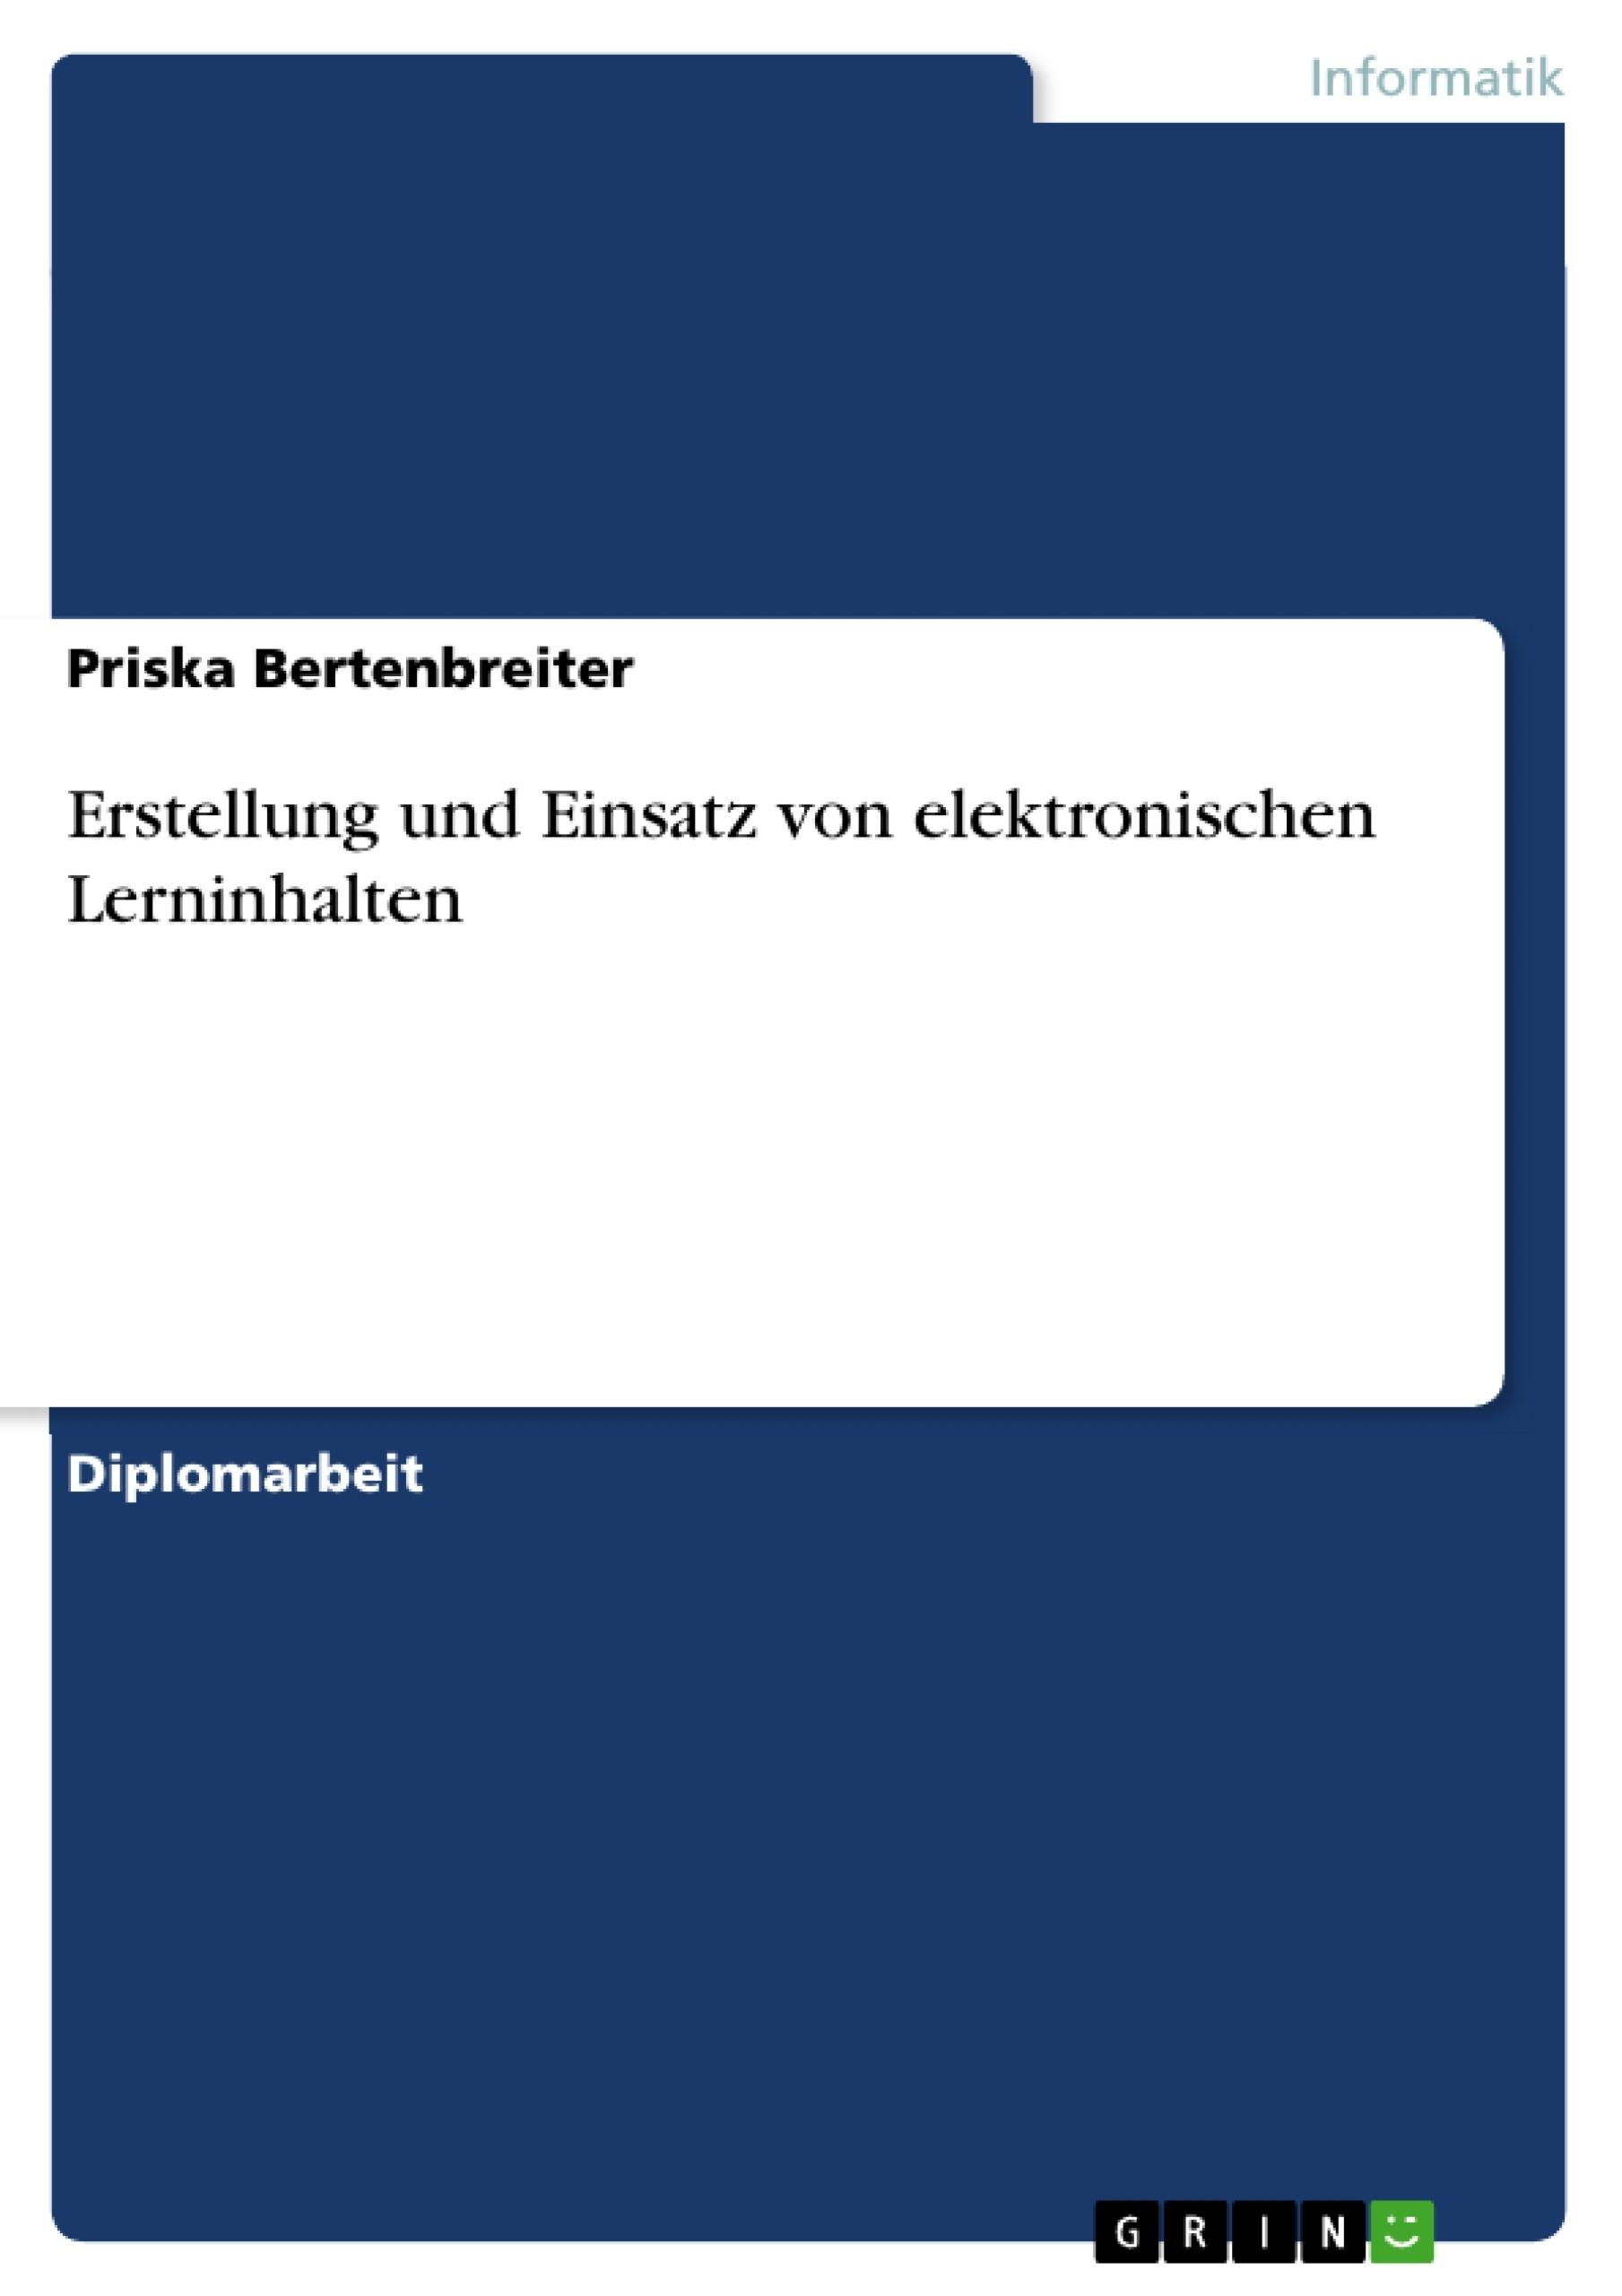 Titel: Erstellung und Einsatz von elektronischen Lerninhalten